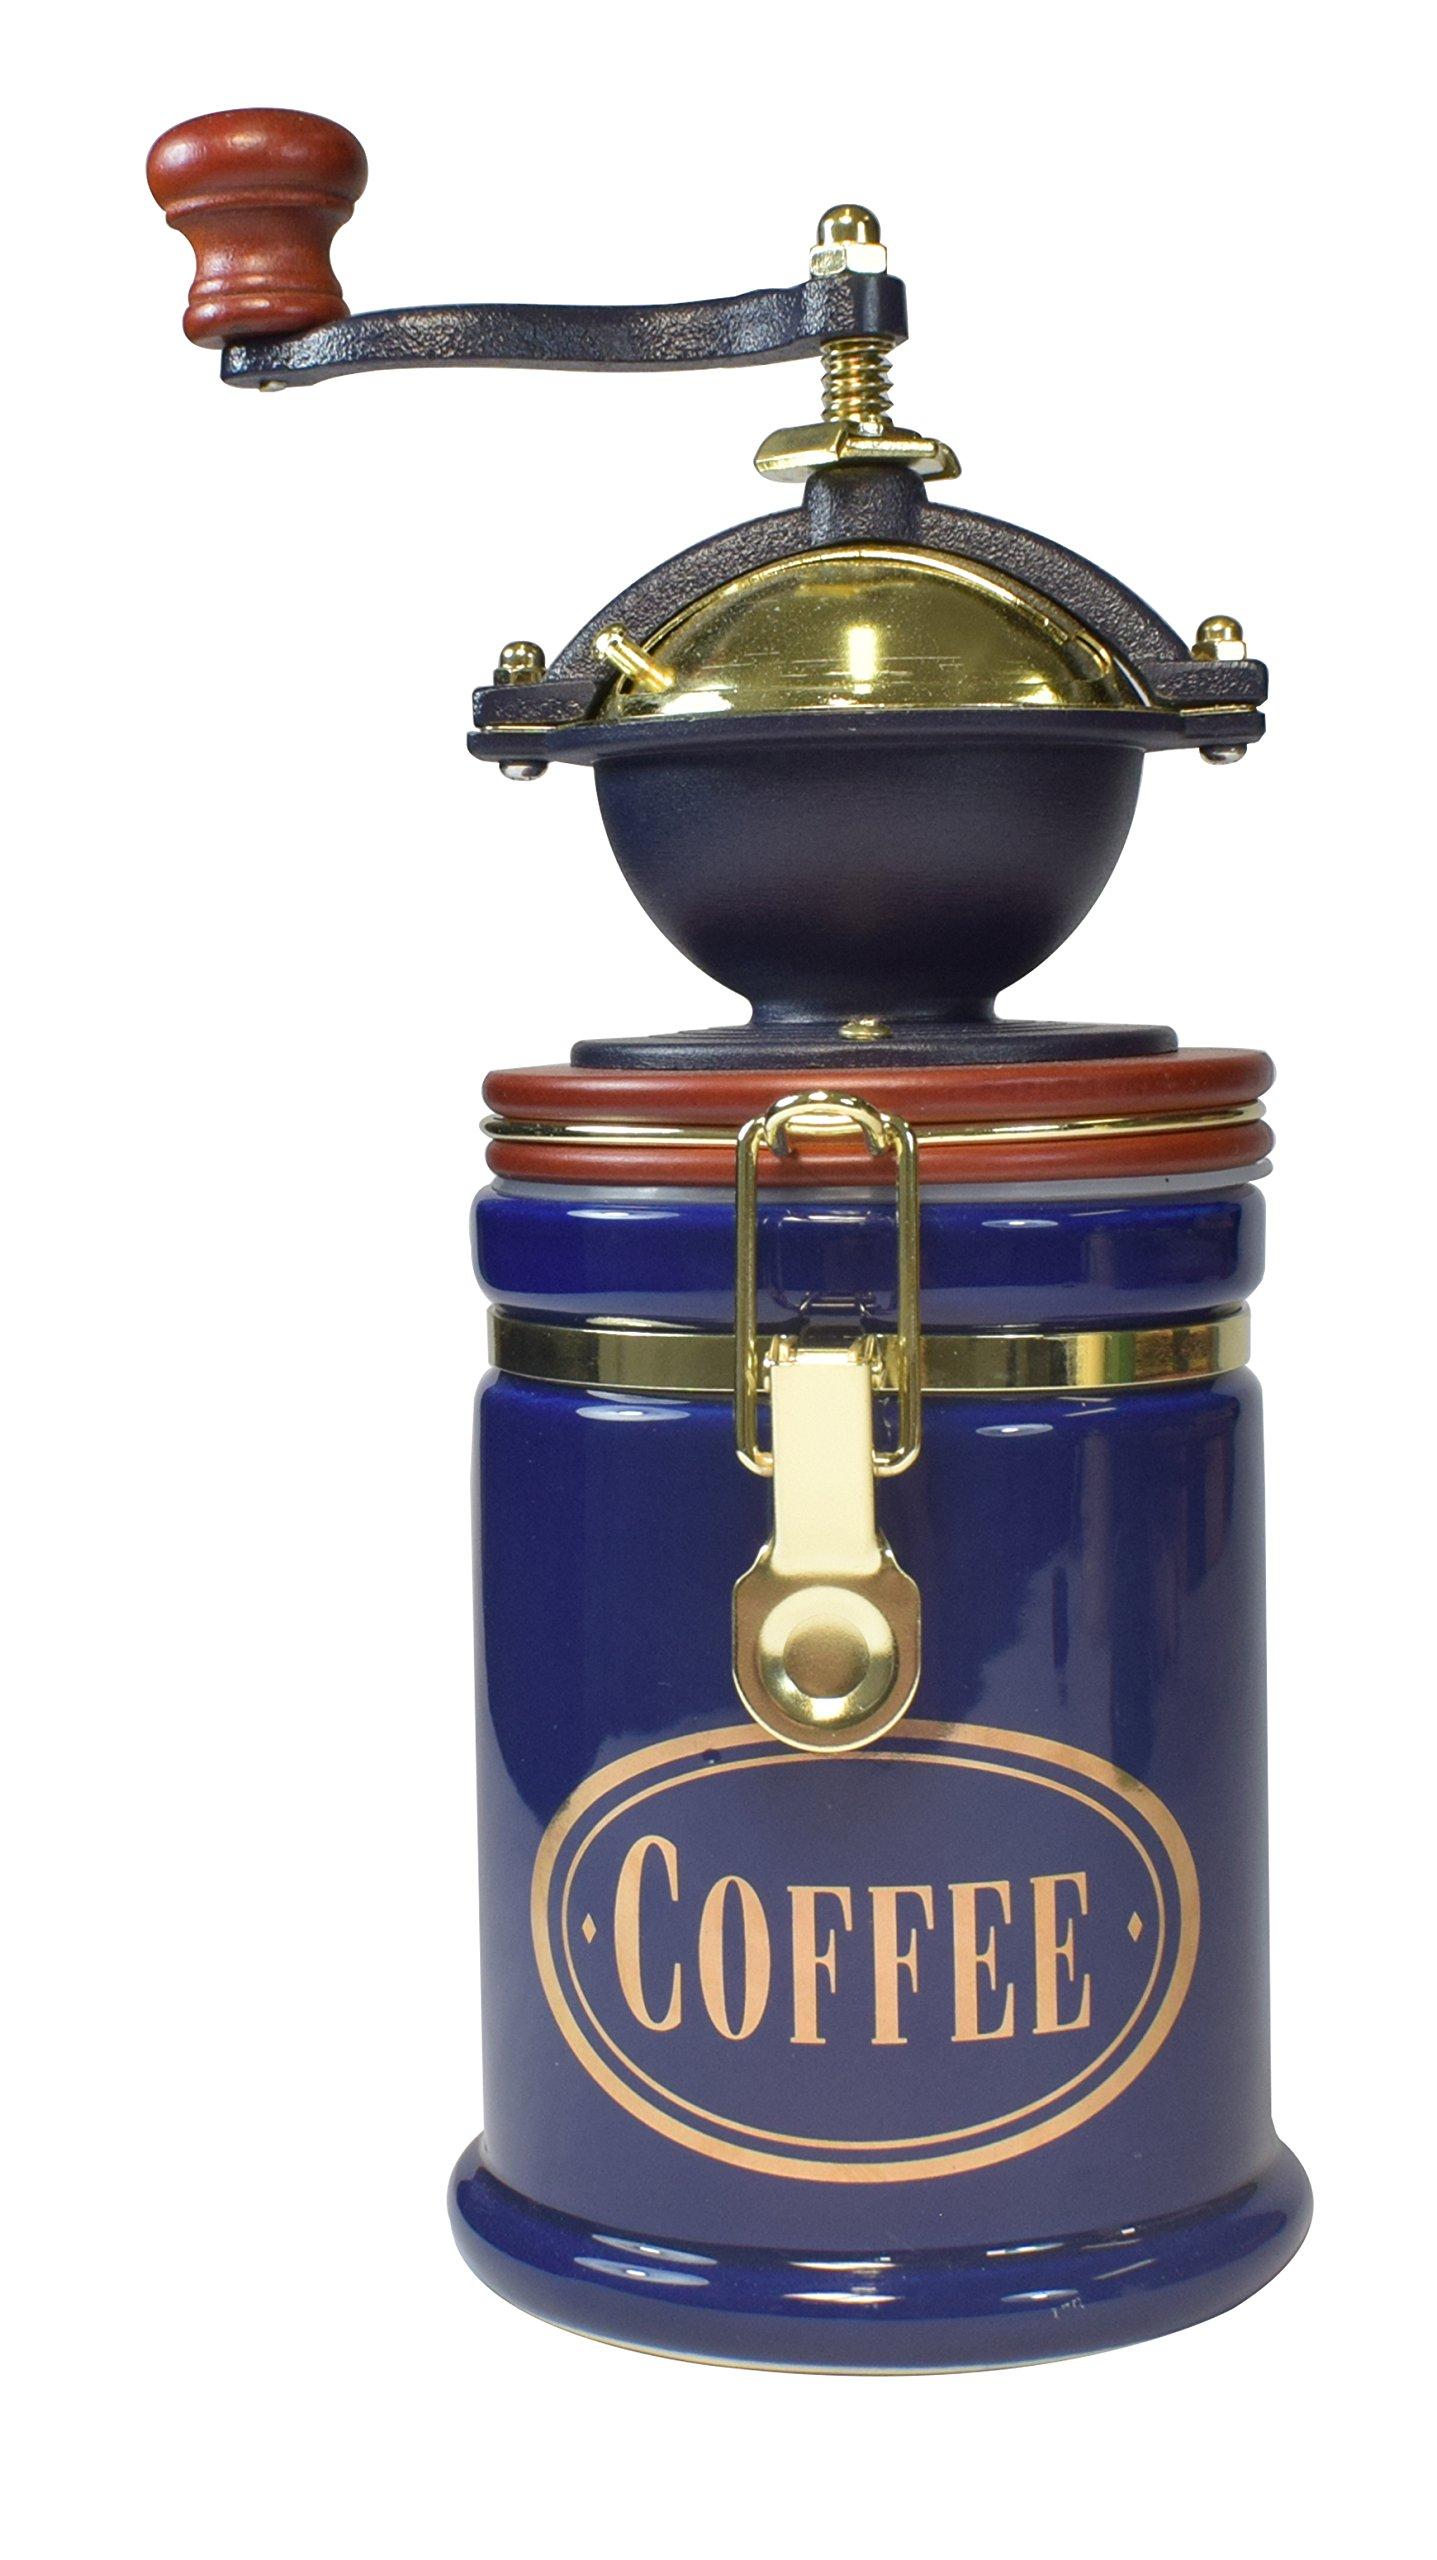 Bisetti 62026 Volluto Coffee Grinder, Blue